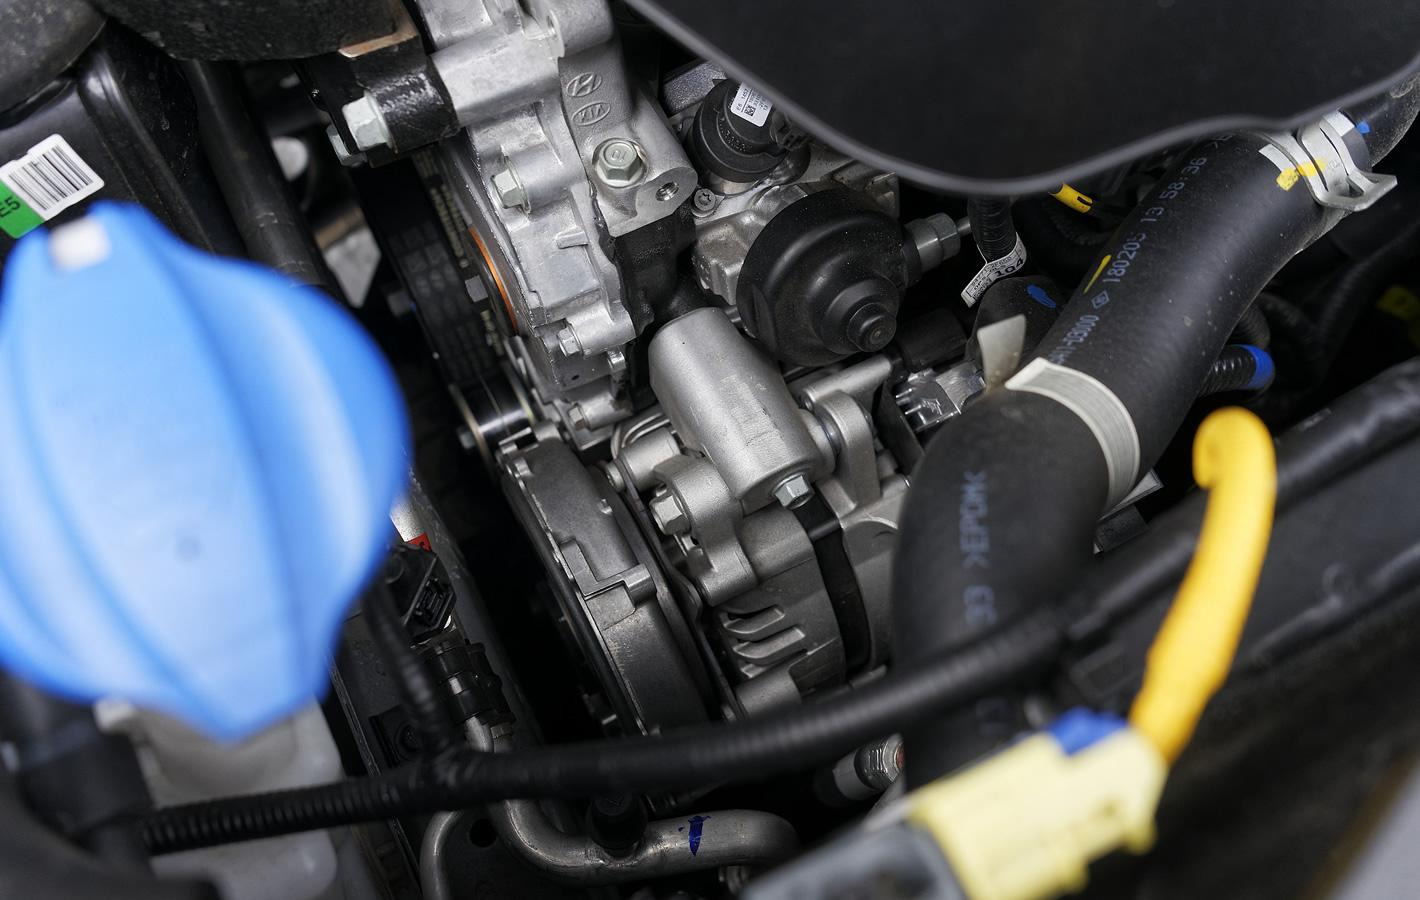 Hyundai Tucson 2.0 CRDi 48V - jednostka elektryczna